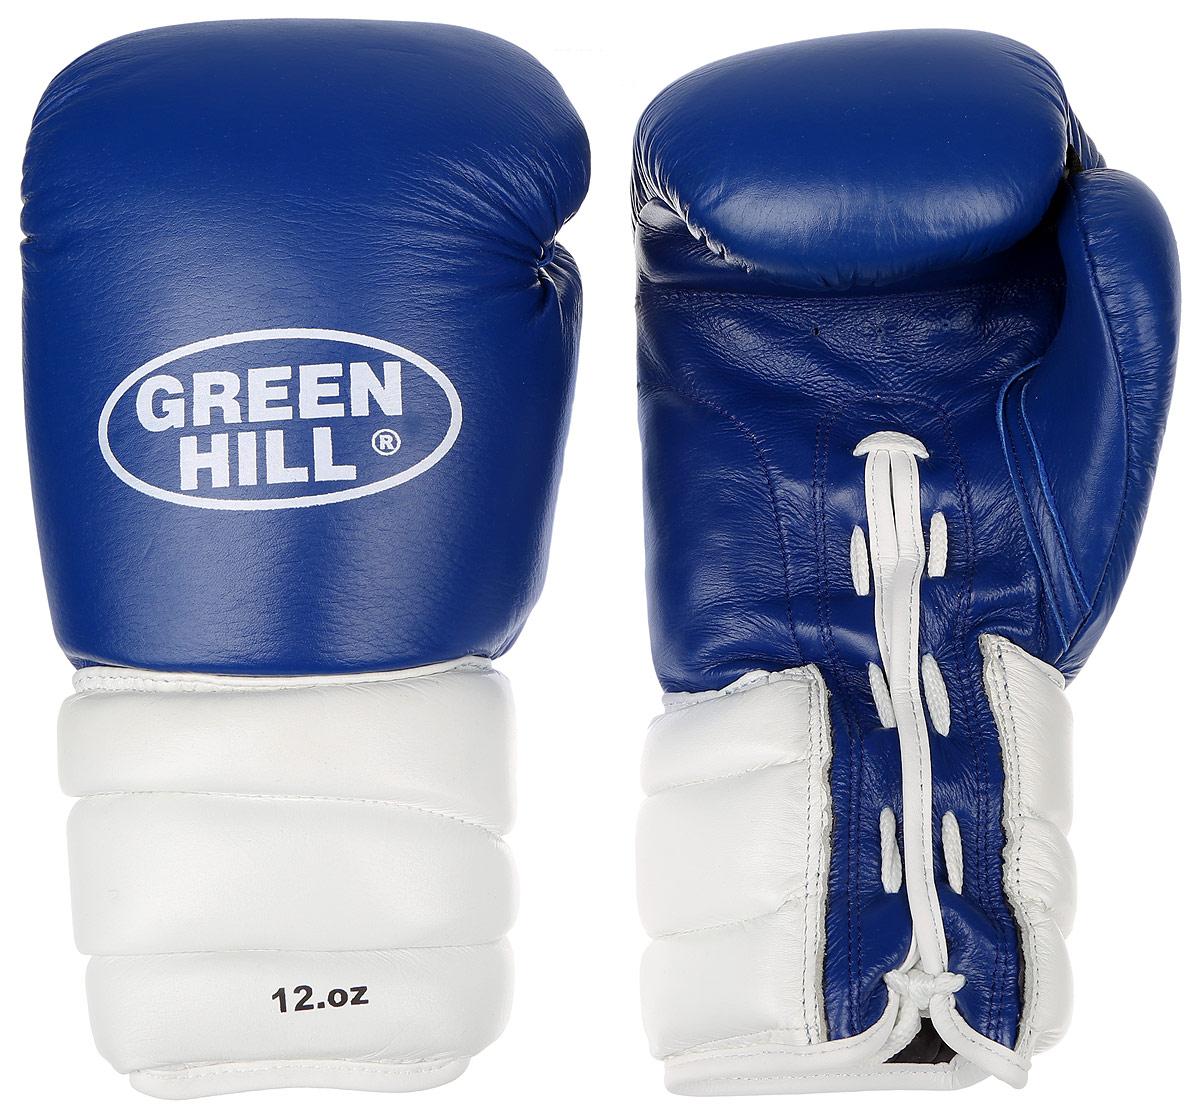 Перчатки боксерские Green Hill Pro Star, цвет: синий, белый. Вес 12 унций. BGPS-2012BGPS-2012Тренировочные боксерские перчатки Green Hill Pro Star отлично подойдут для спаррингов. Верх выполнен из натуральной кожи, наполнитель - из вспененного полимера. Отверстие в области ладони позволяет создать максимально комфортный терморежим во время занятий. Удлиненный сегментированный манжет способствует быстрому и удобному надеванию перчаток, плотно фиксирует их на руке.